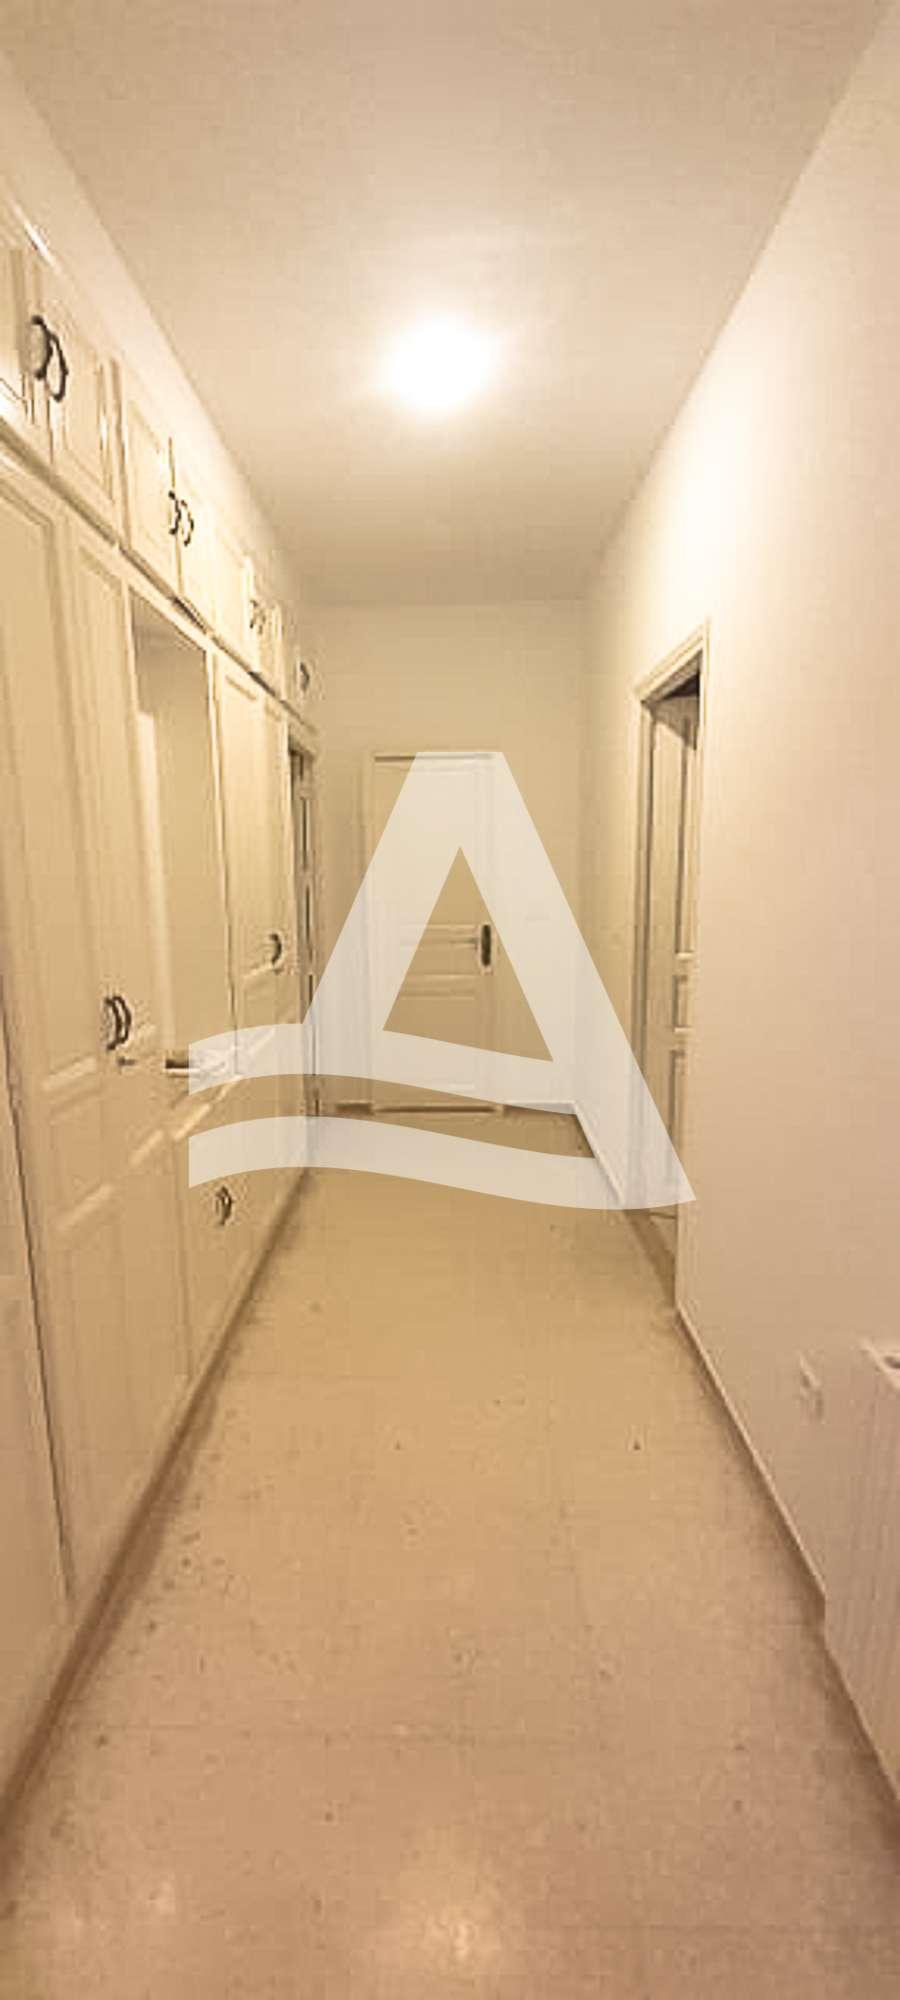 httpss3.amazonaws.comlogimoaws_Arcane_immobilière_la_Marsa-_location_-_vente_la_marsa__-8_1583429653001-2